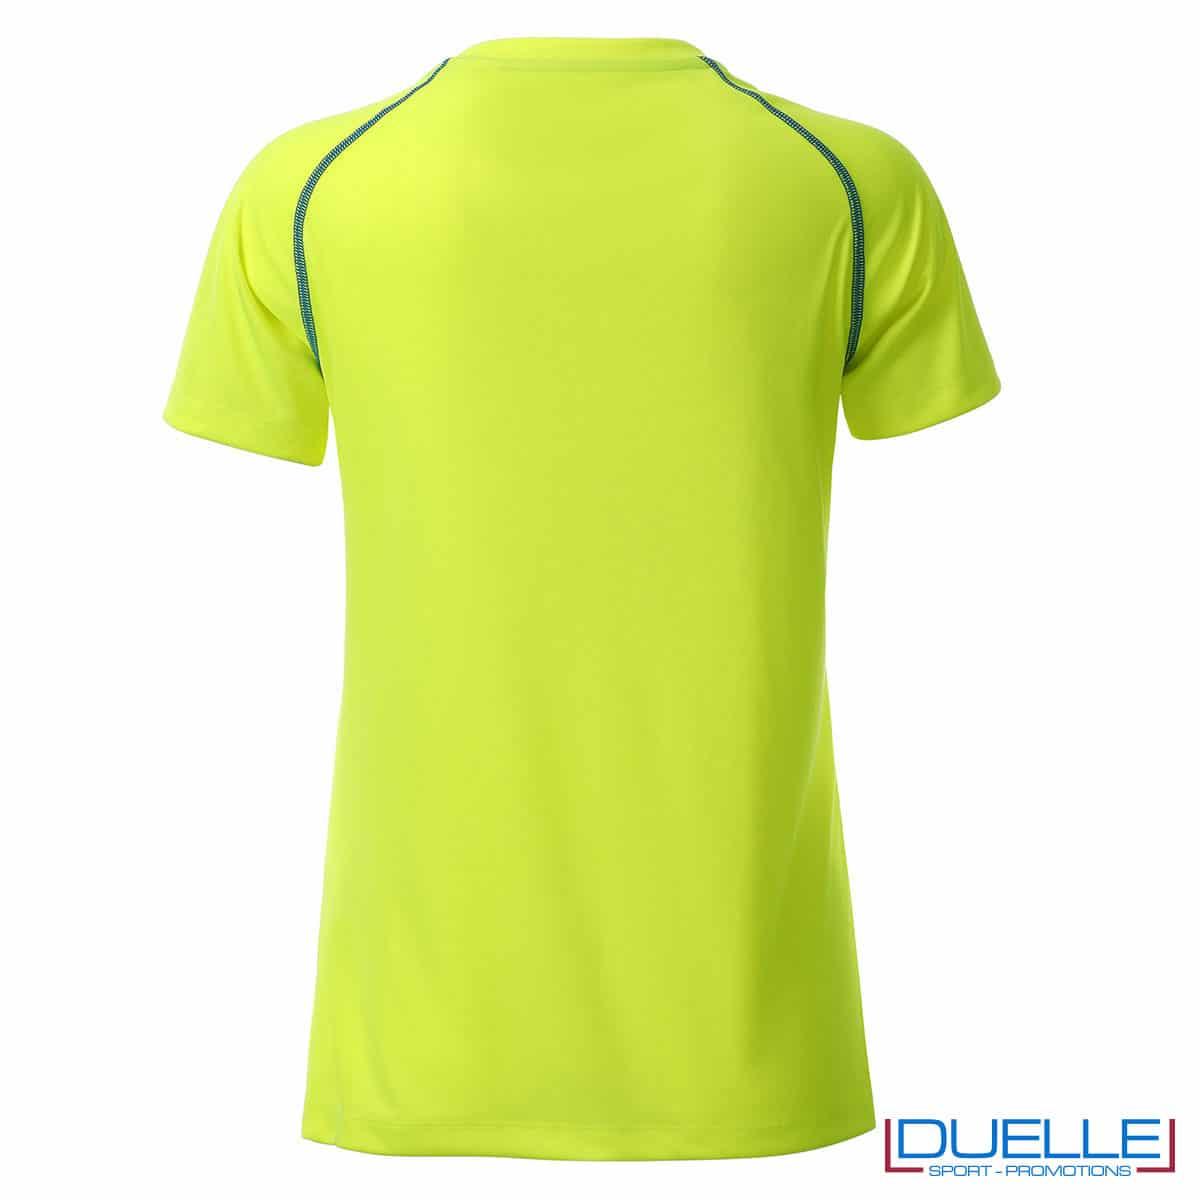 retro maglietta giallo fluo sport femminile